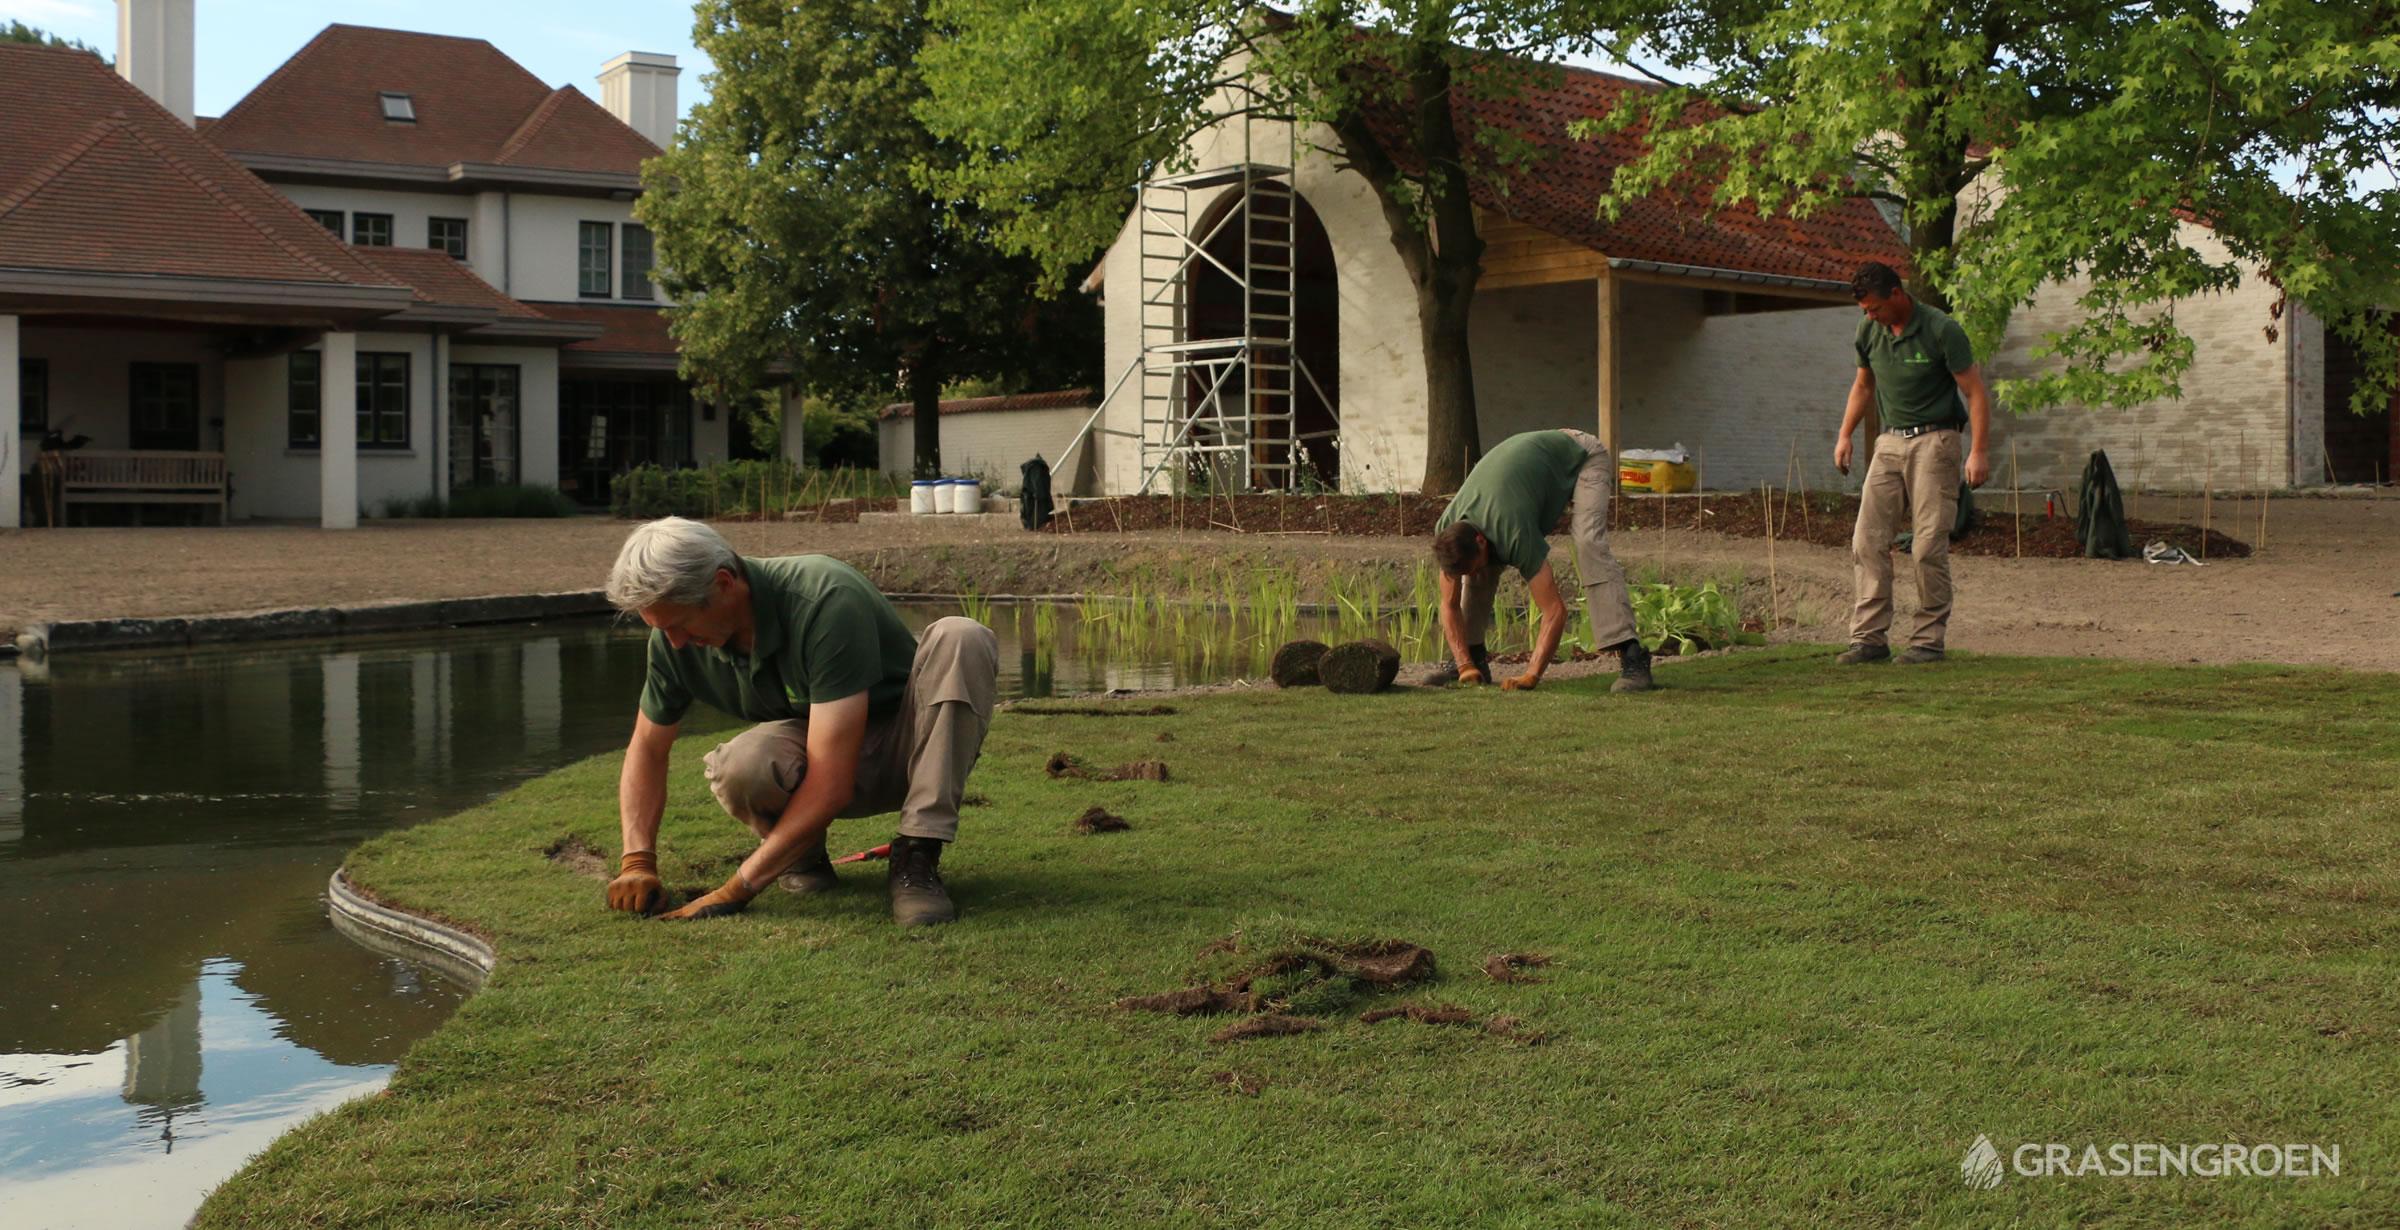 Graszodenlatenleggen4 • Gras en Groen Winkel